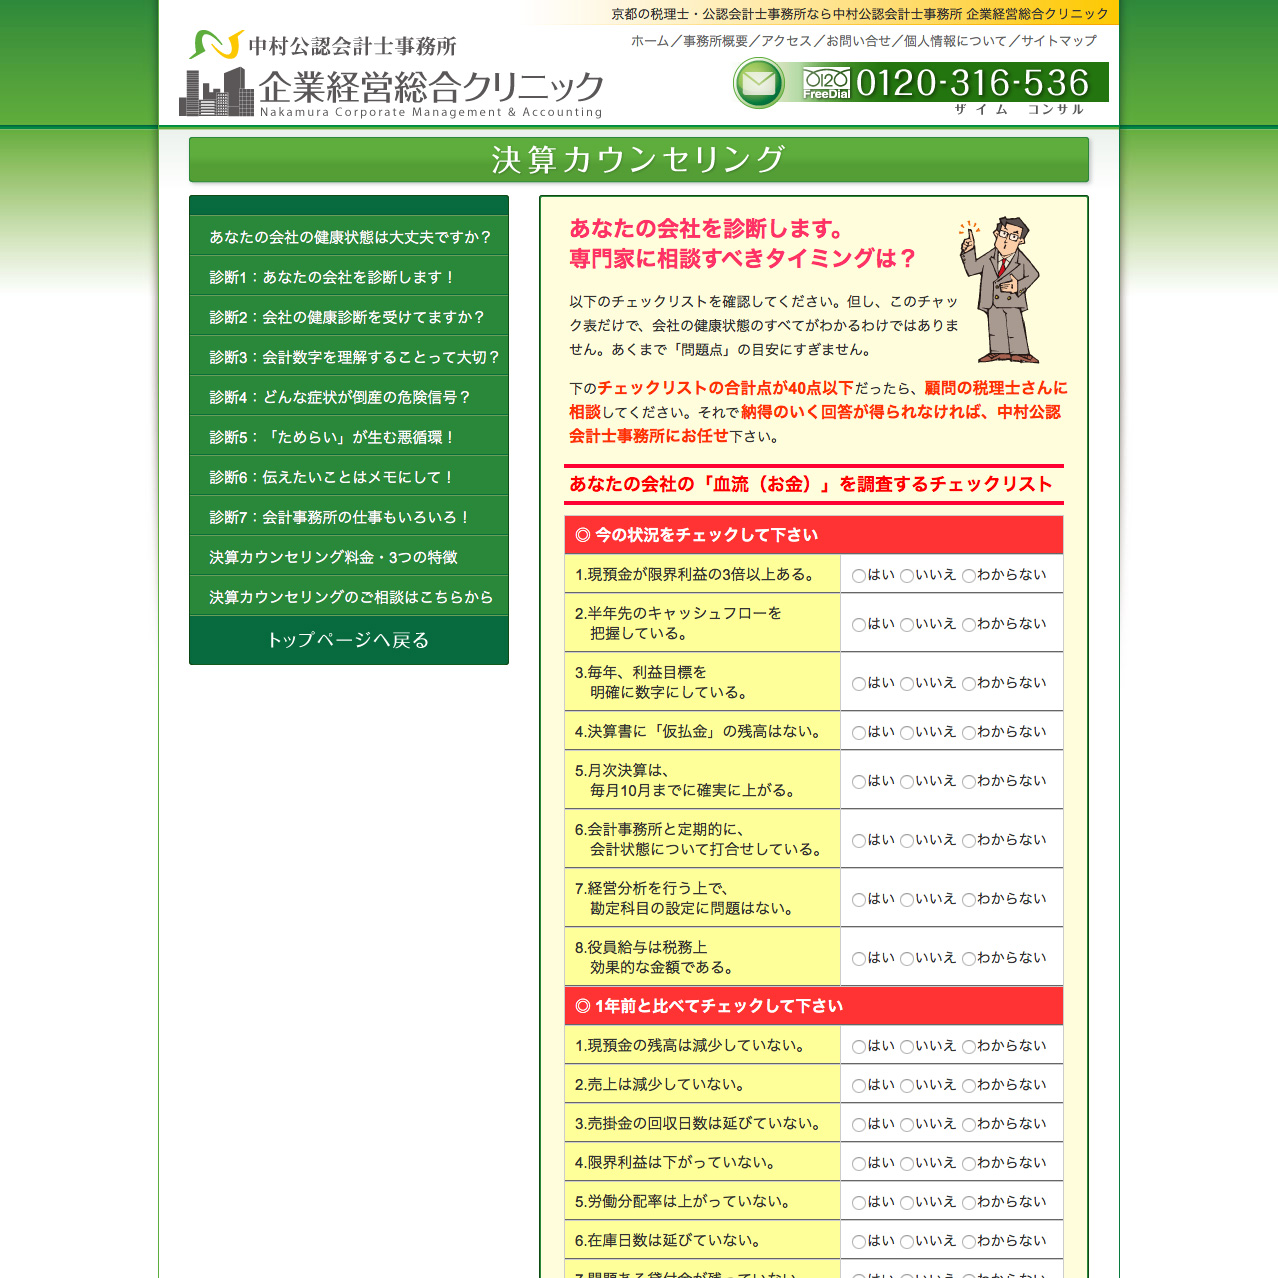 中村公認会計士事務所 決算カウンセリング診断ページ